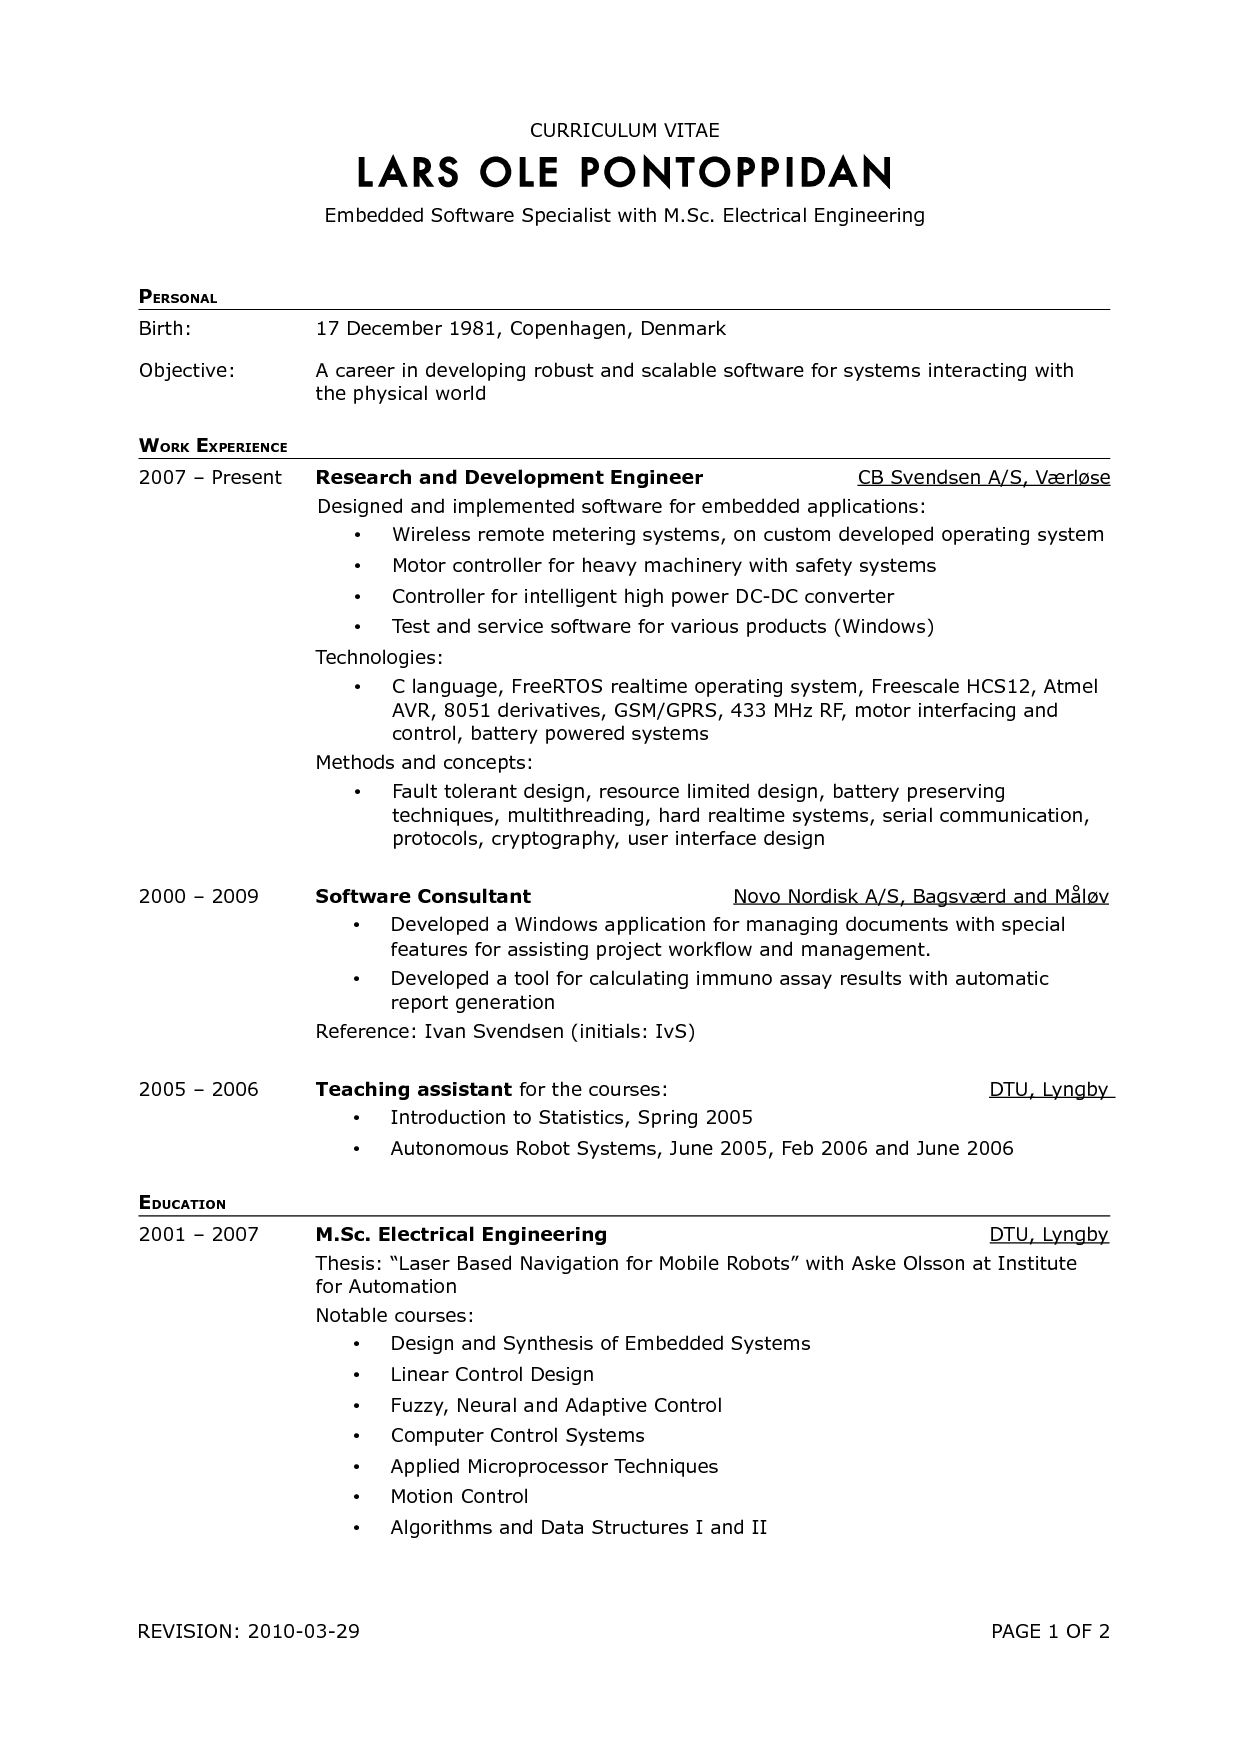 Resume Format Outline